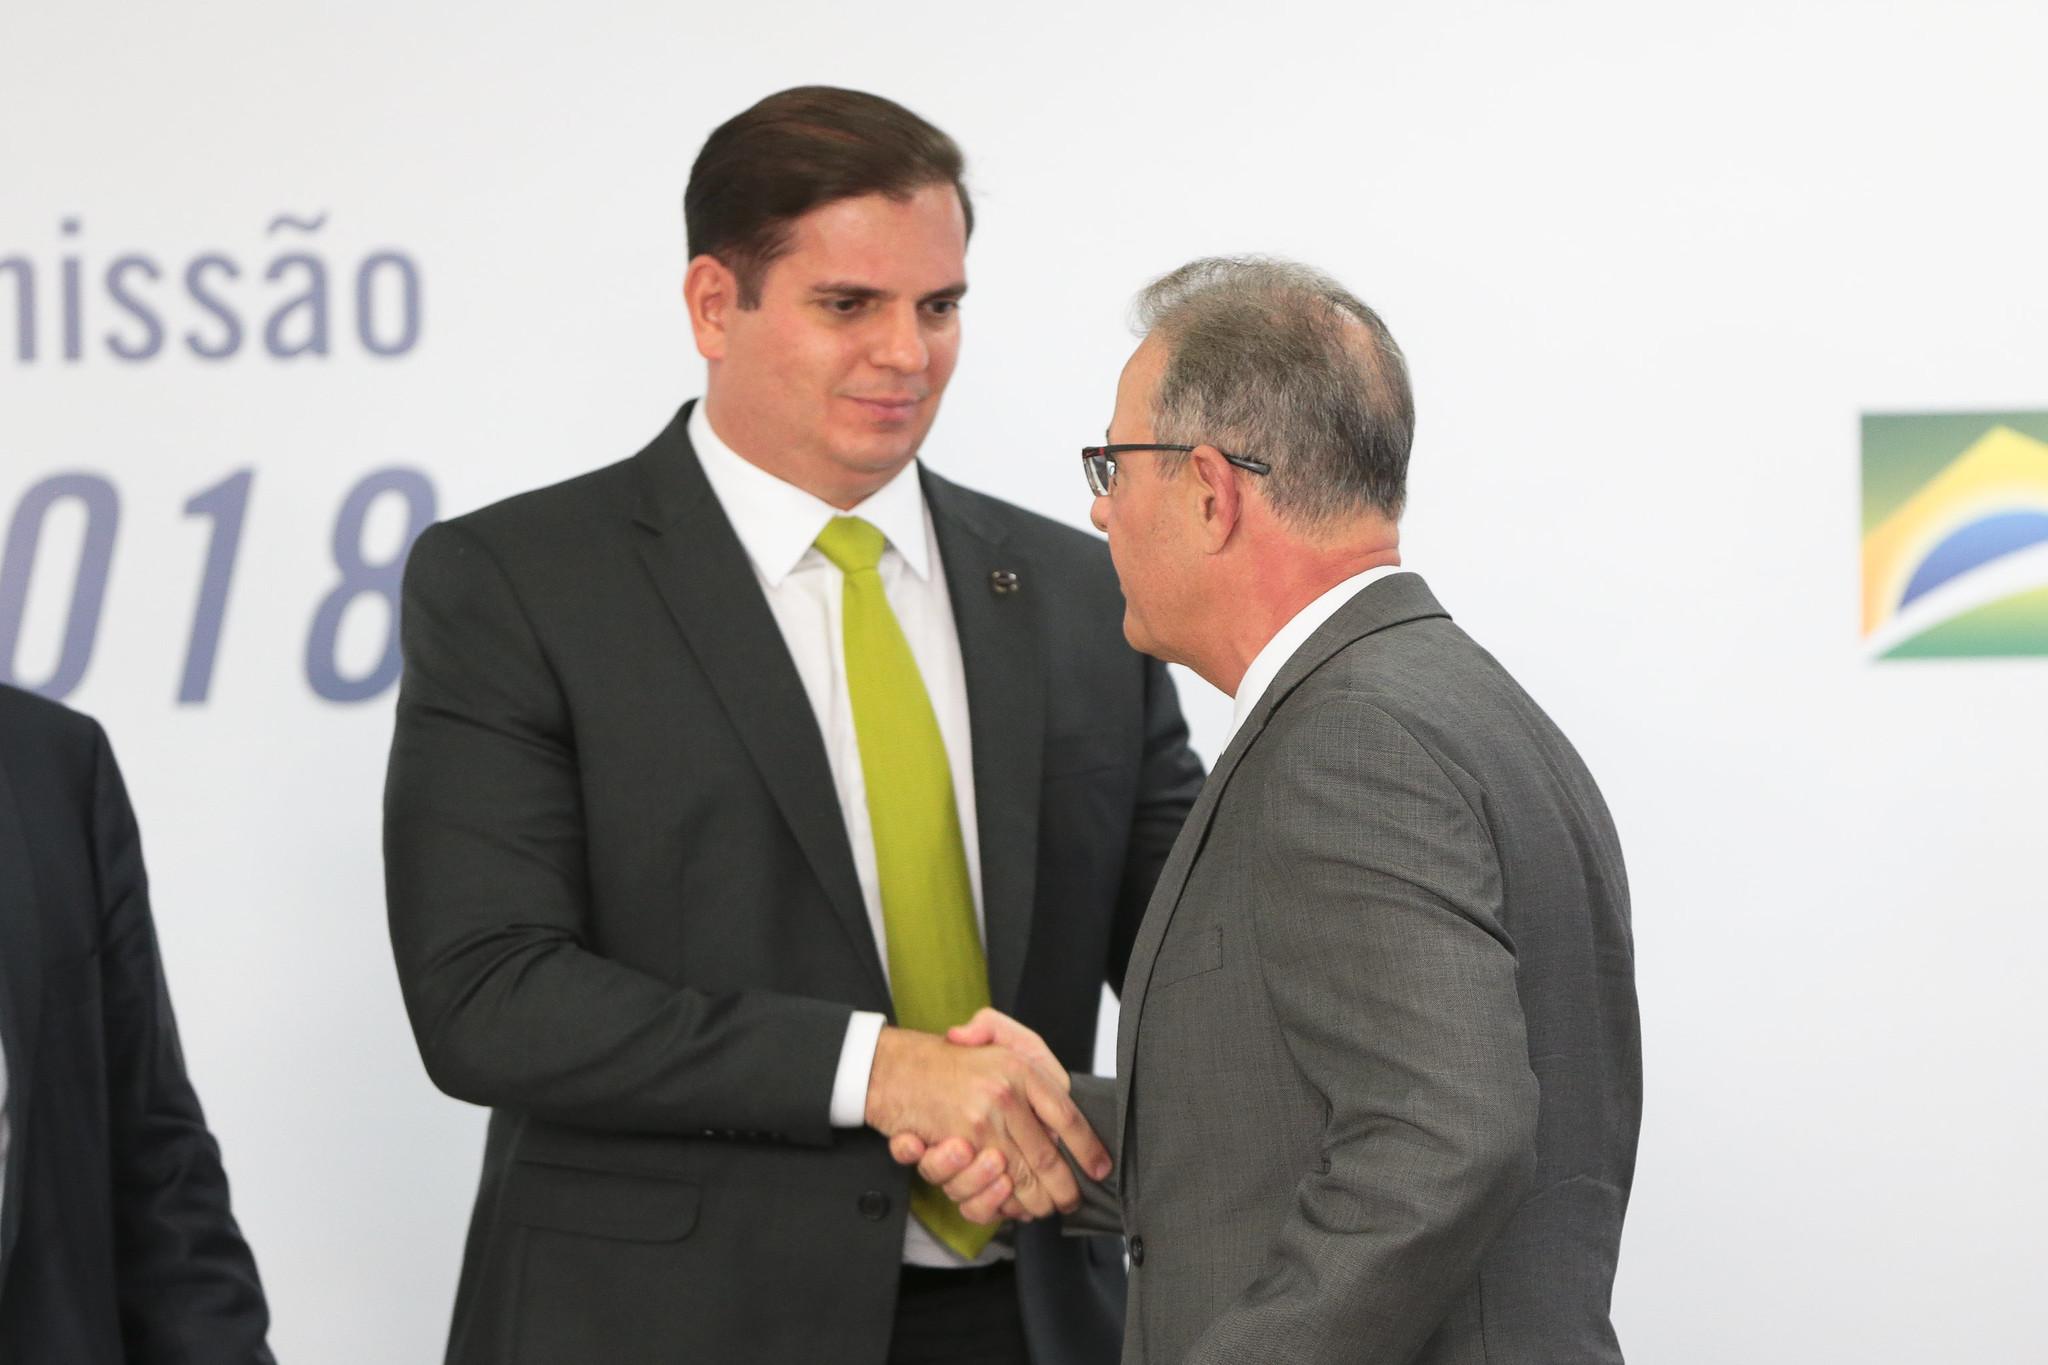 Azedam as relações entre a ANEEL e o Ministério de Minas e Energia